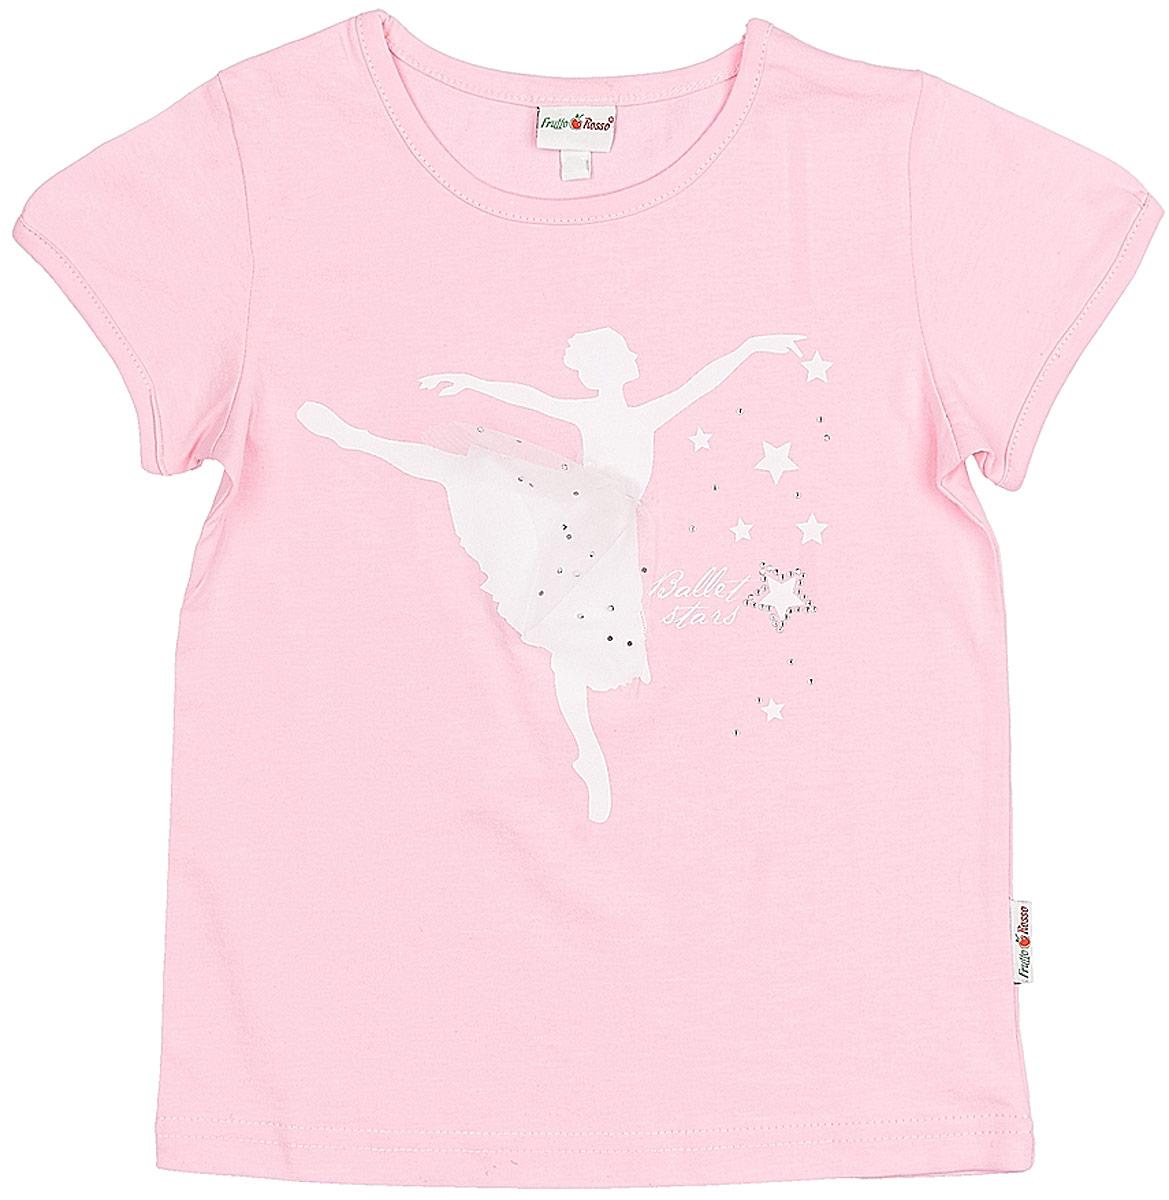 Футболка для девочки Frutto Rosso, цвет: светло-розовый. FRG72134. Размер 104 брюки джинсы и штанишки frutto rosso брюки для девочки